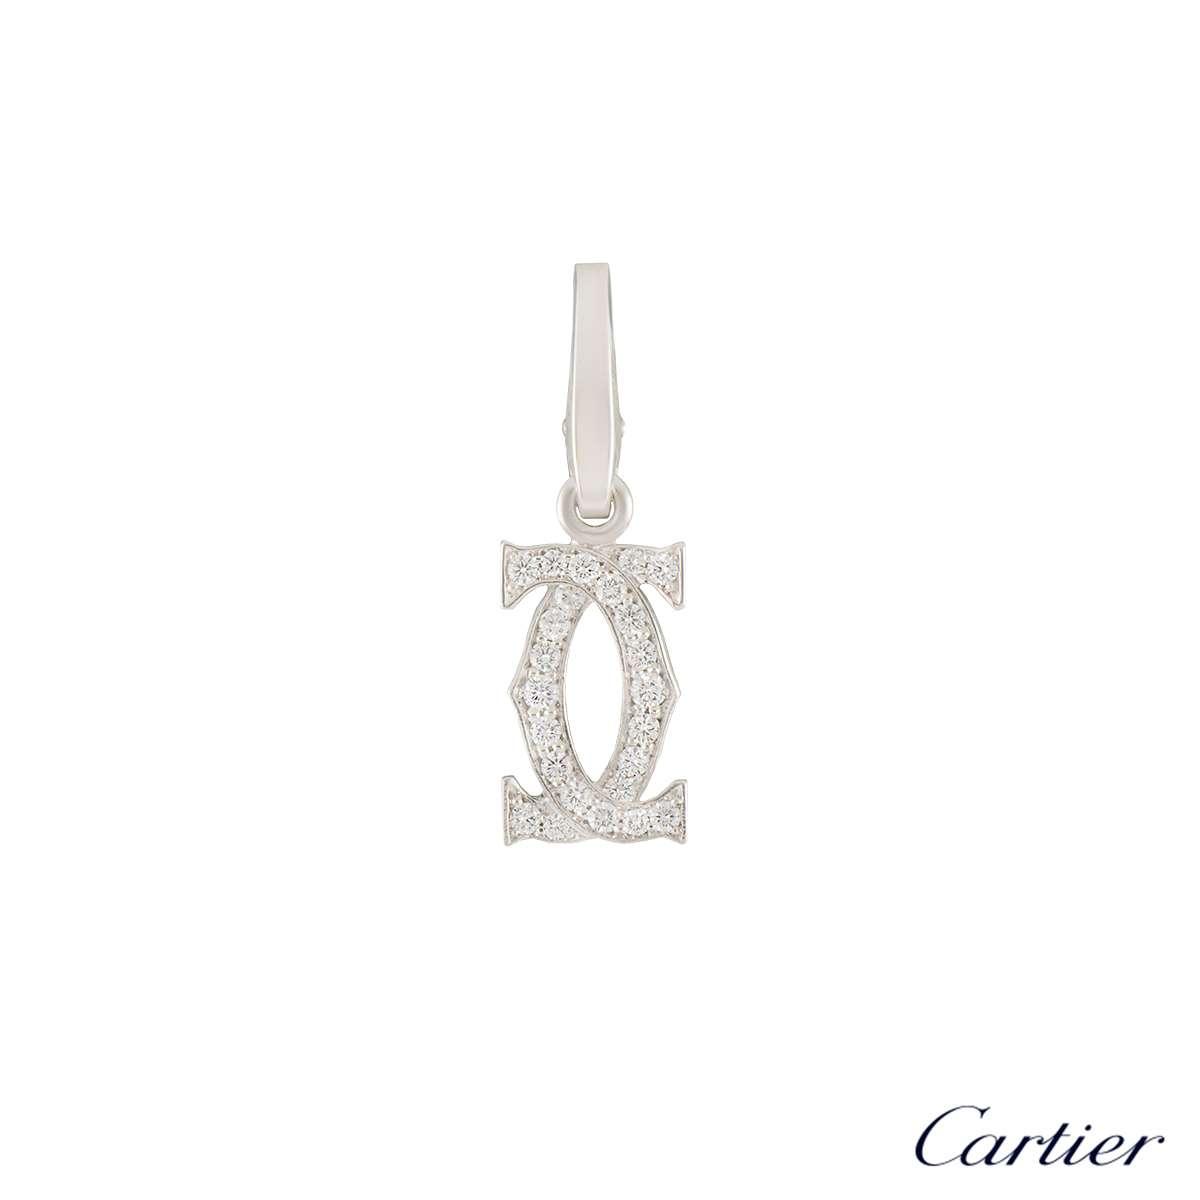 C de Cartier White Gold Diamond Charm